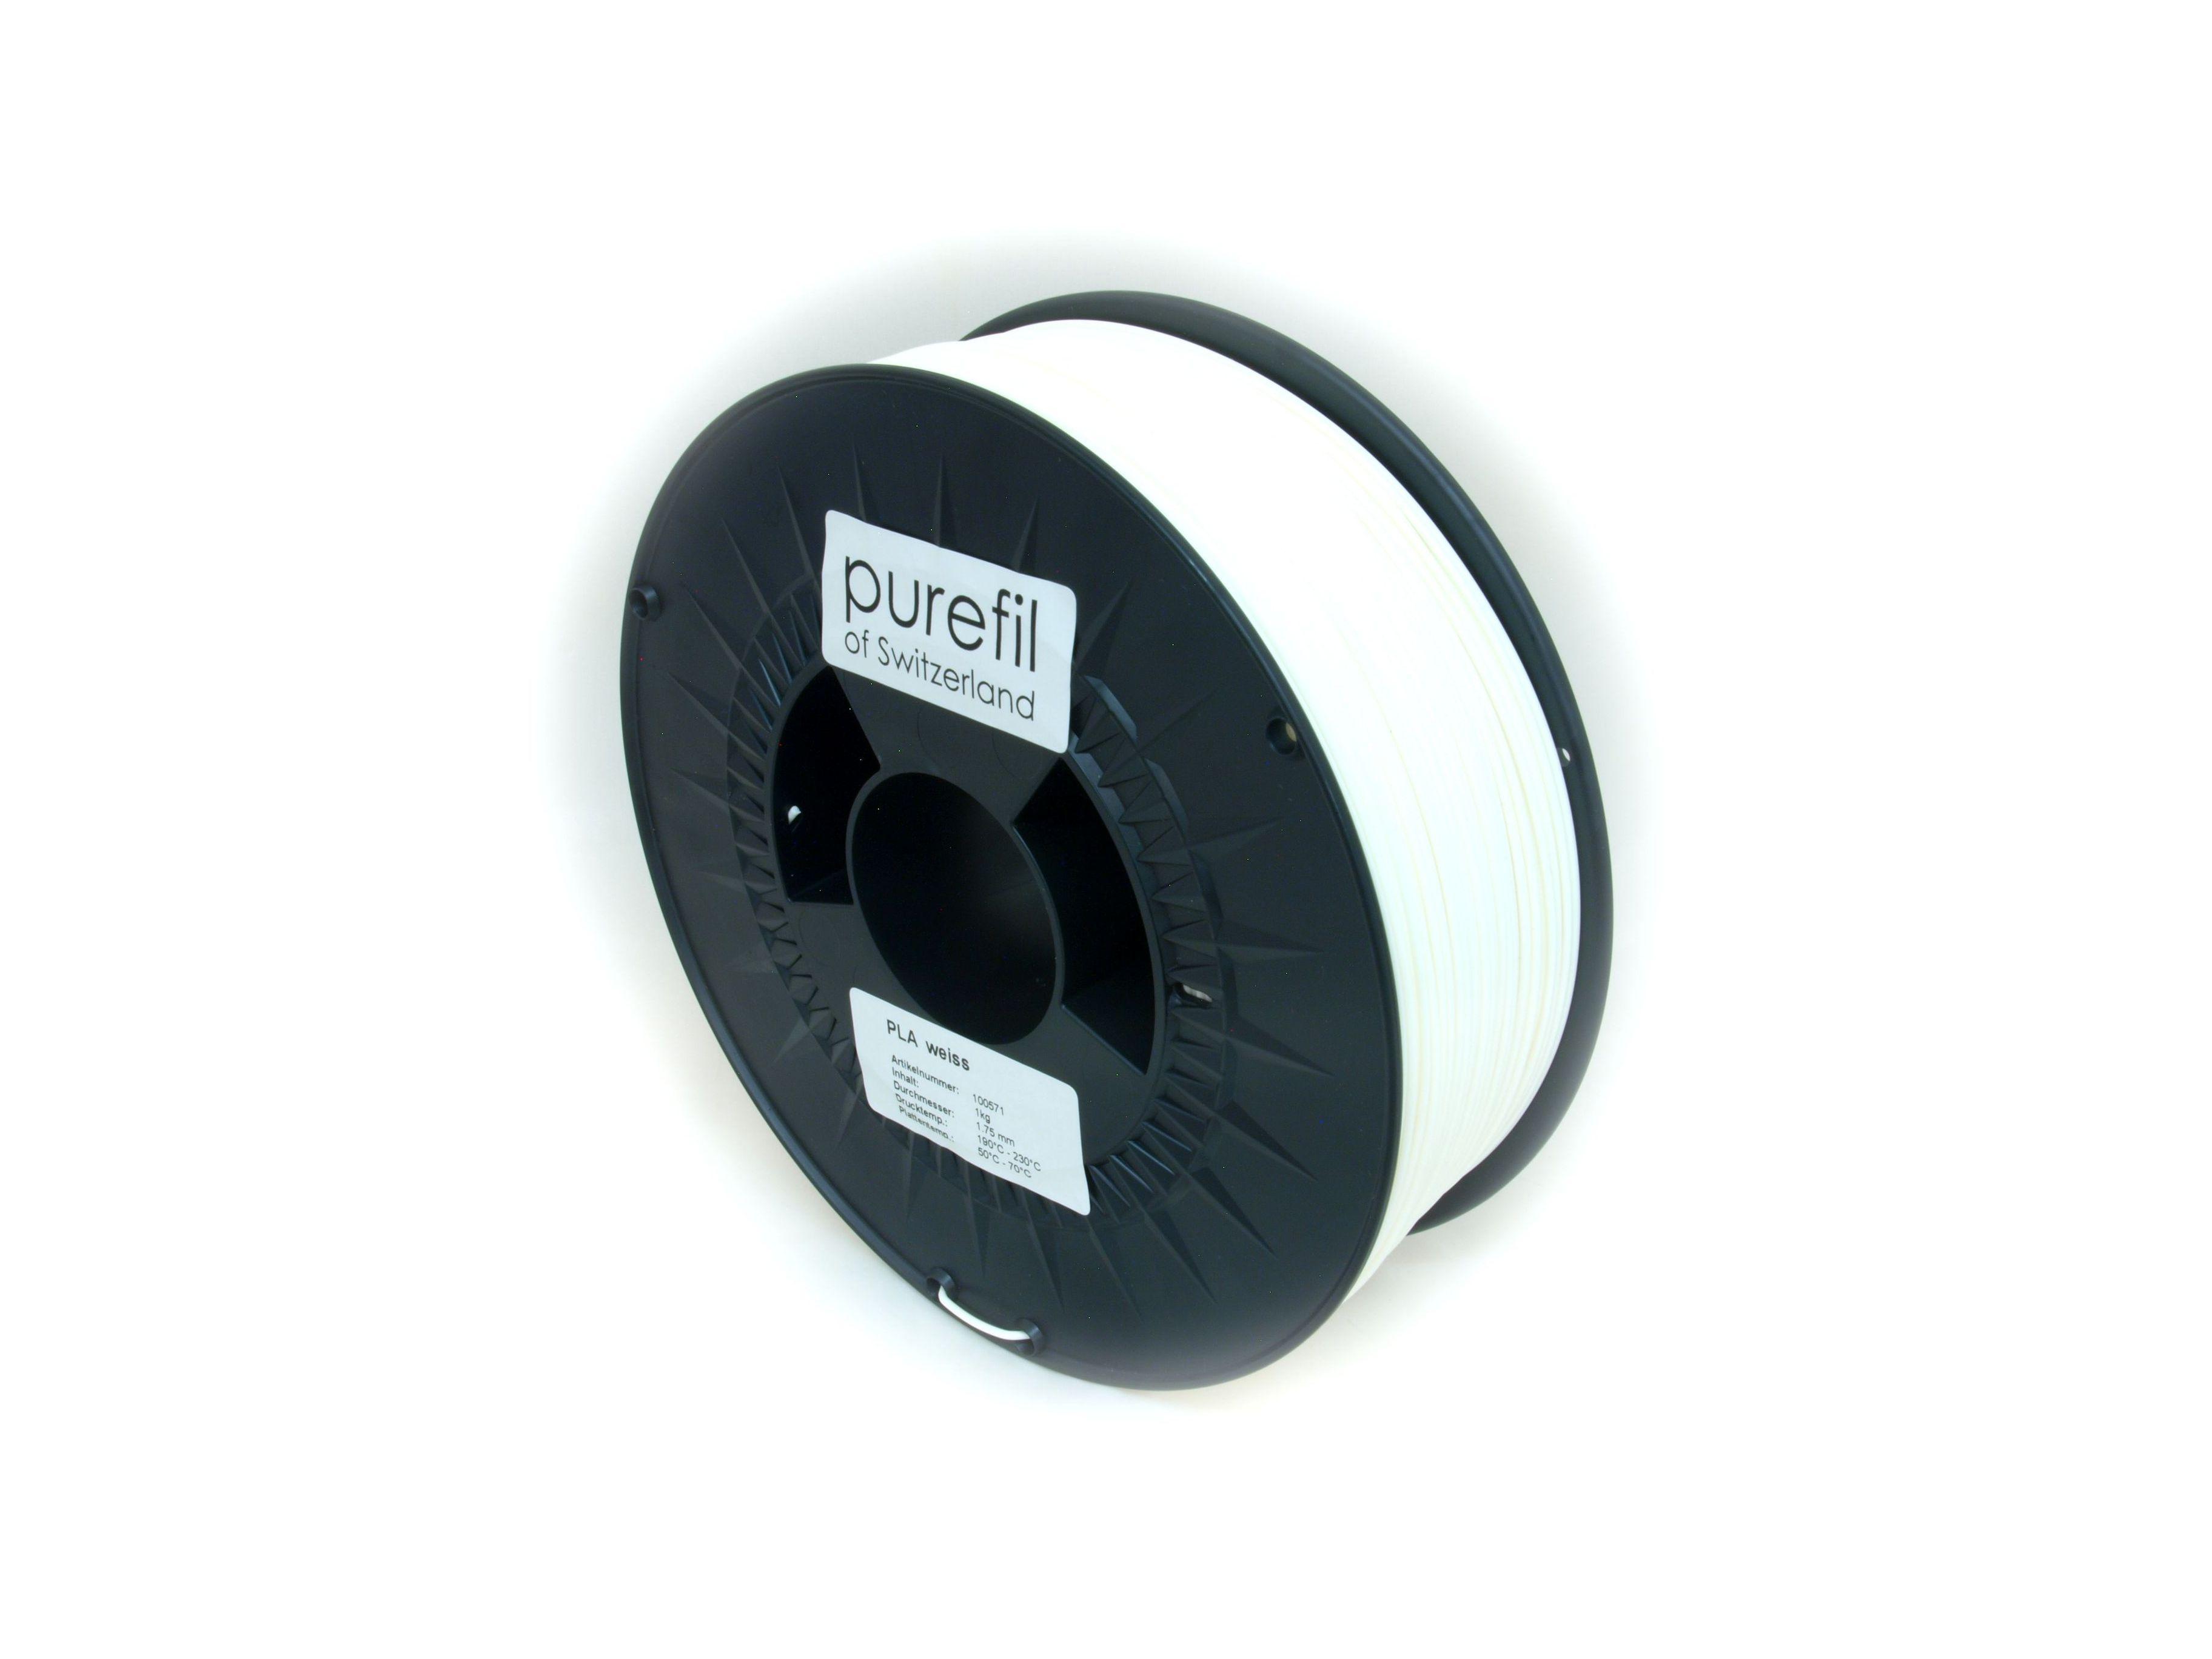 Purefil PLA Weiss 1Kg 1.75mm